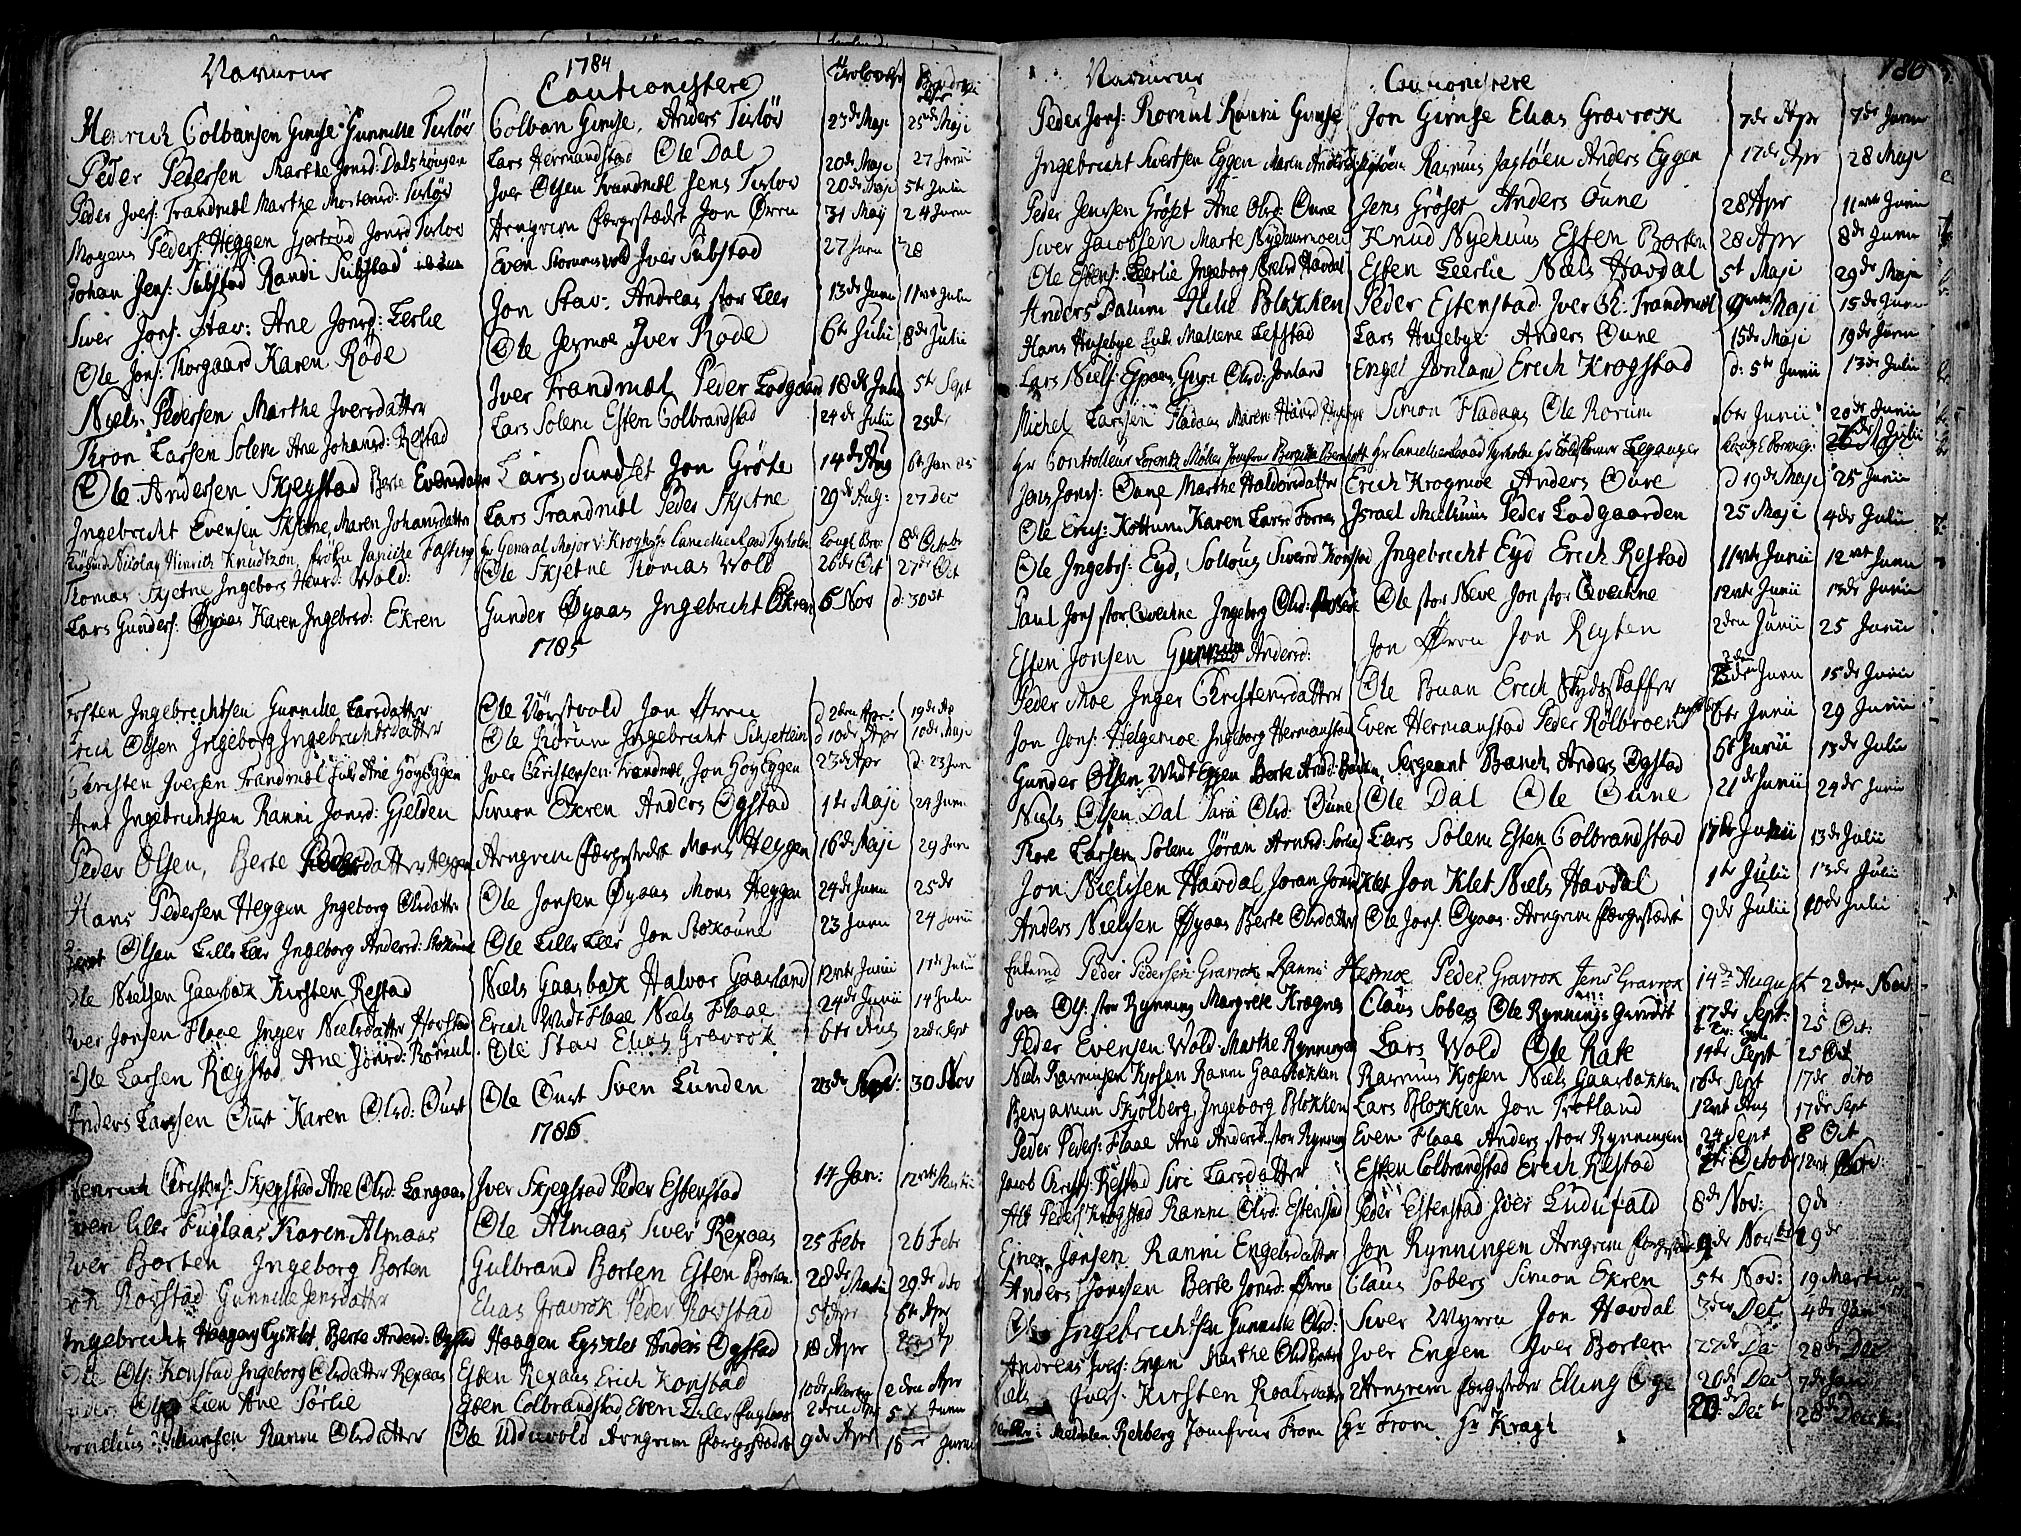 SAT, Ministerialprotokoller, klokkerbøker og fødselsregistre - Sør-Trøndelag, 691/L1061: Ministerialbok nr. 691A02 /1, 1768-1815, s. 186